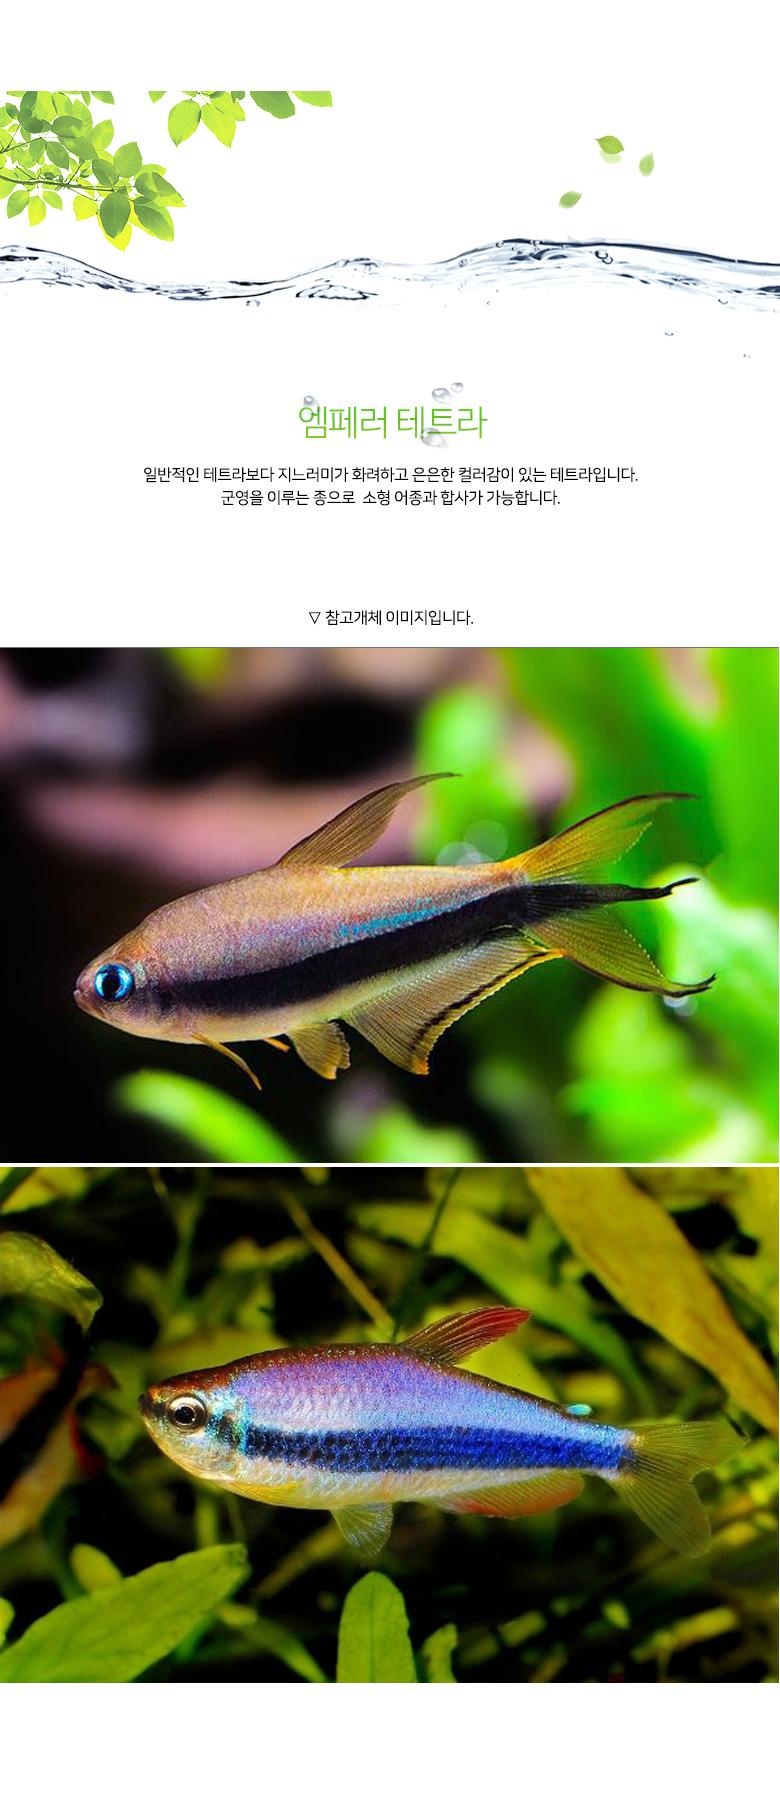 엠페러 테트라 2마리 - 미미네아쿠아, 6,000원, 키우기, 생물